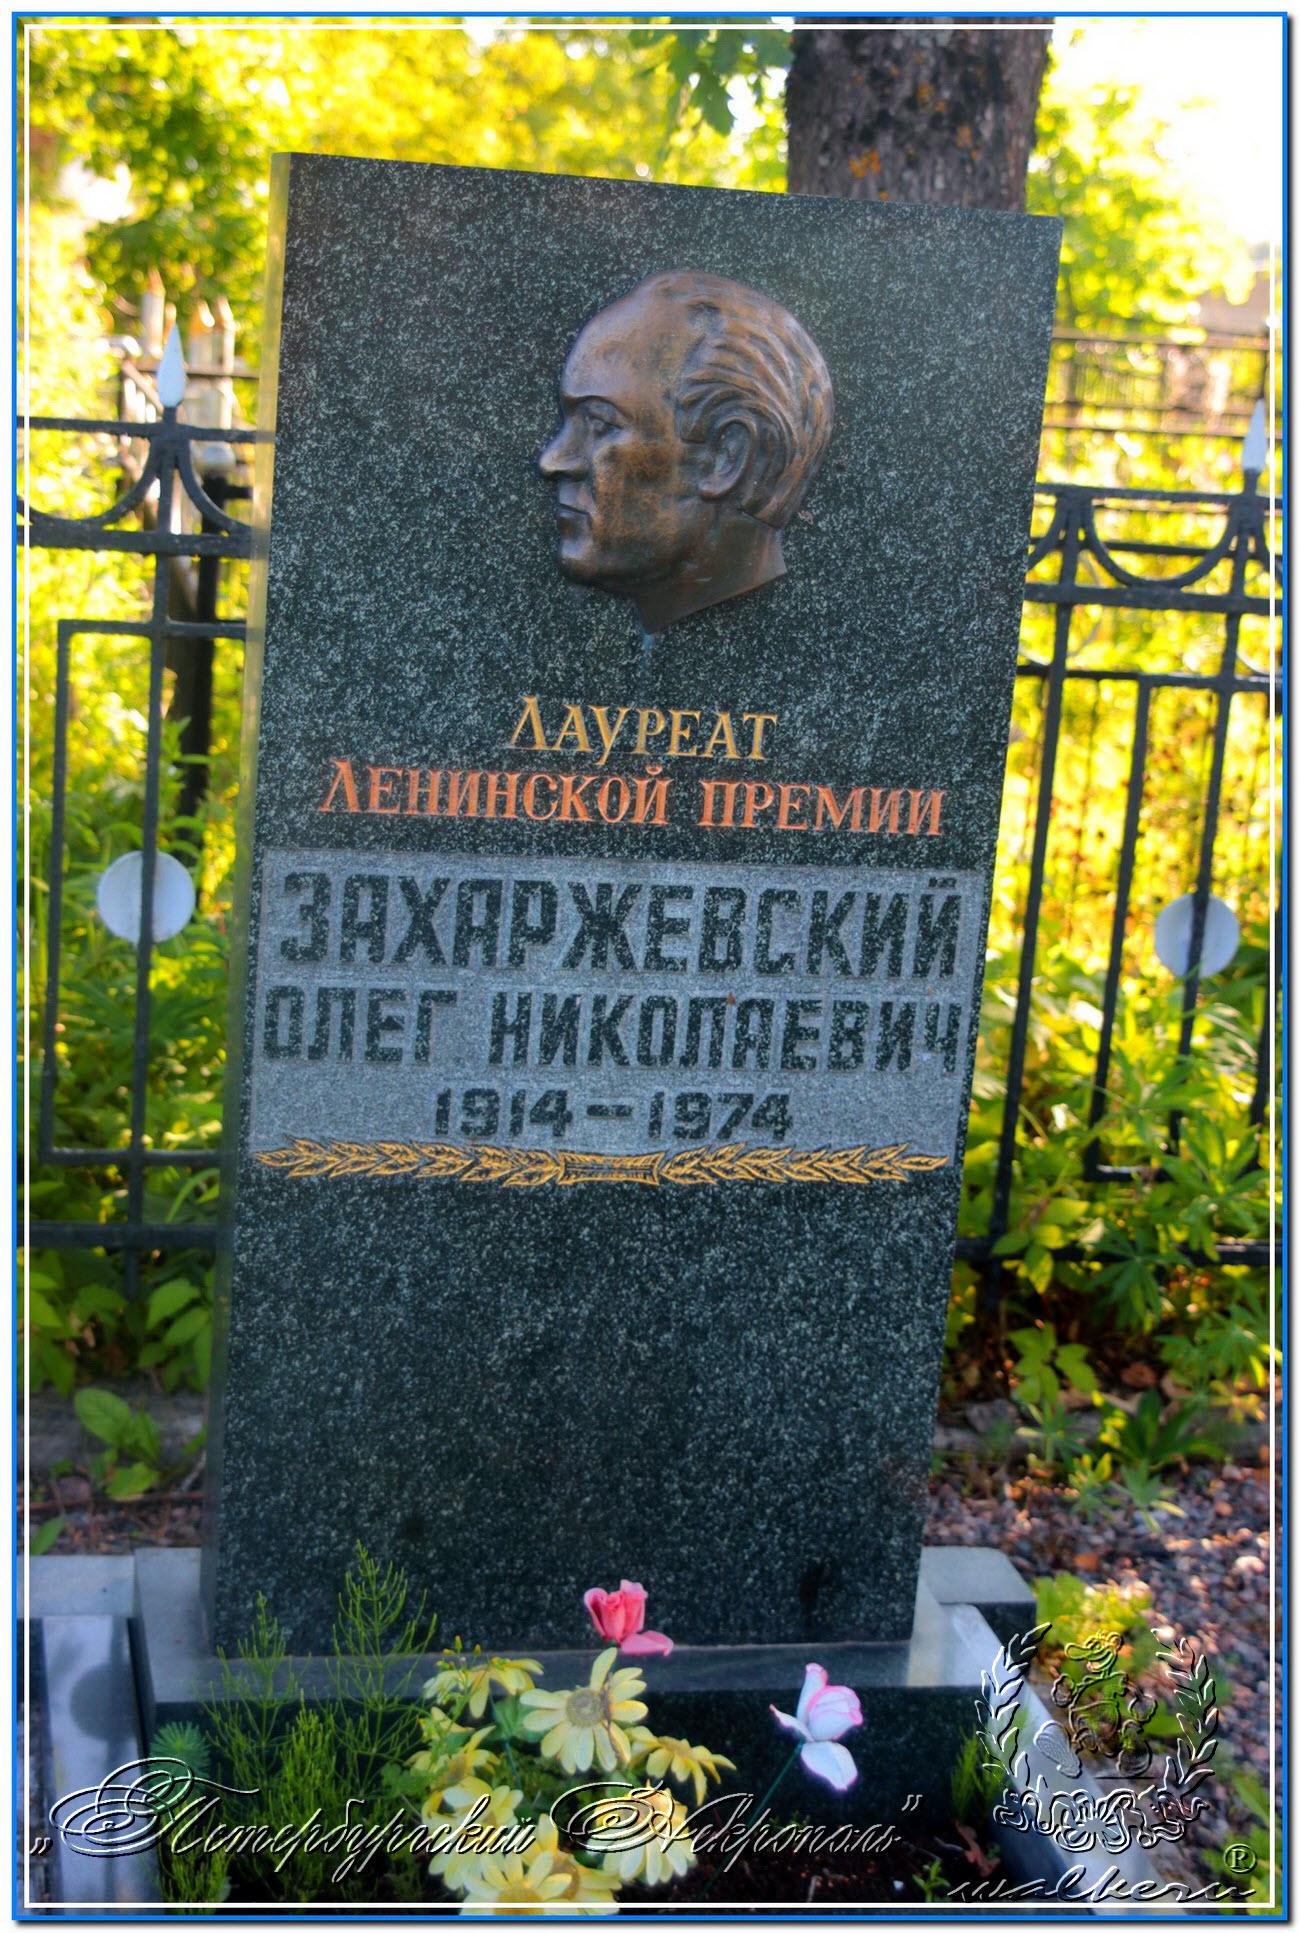 Захаржевский Олег Николаевич